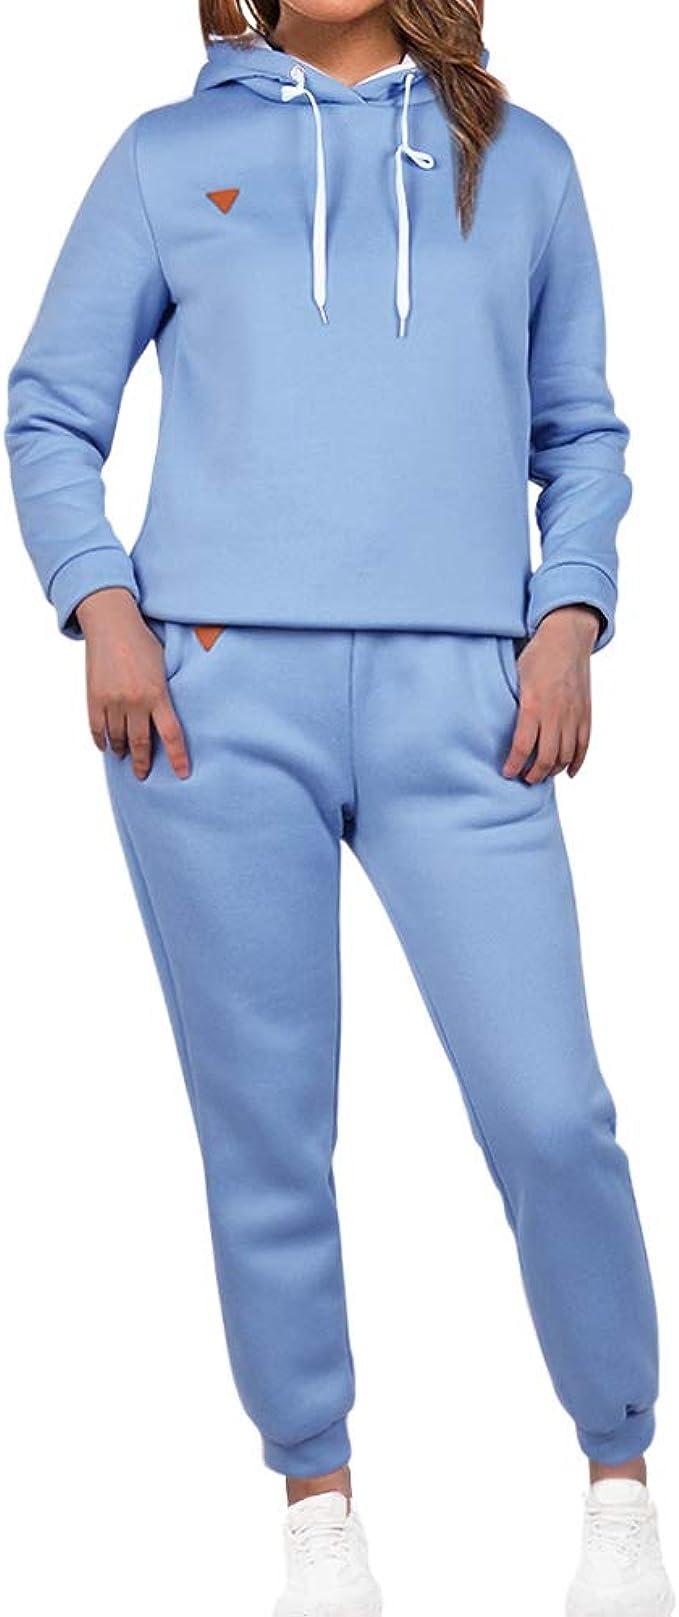 Loozykit tuta da donna tuta da ginnastica 2 pezzi pantaloni lunghi in pile jogging per il tempo libero con calda imbottitura e felpa con cappuccio